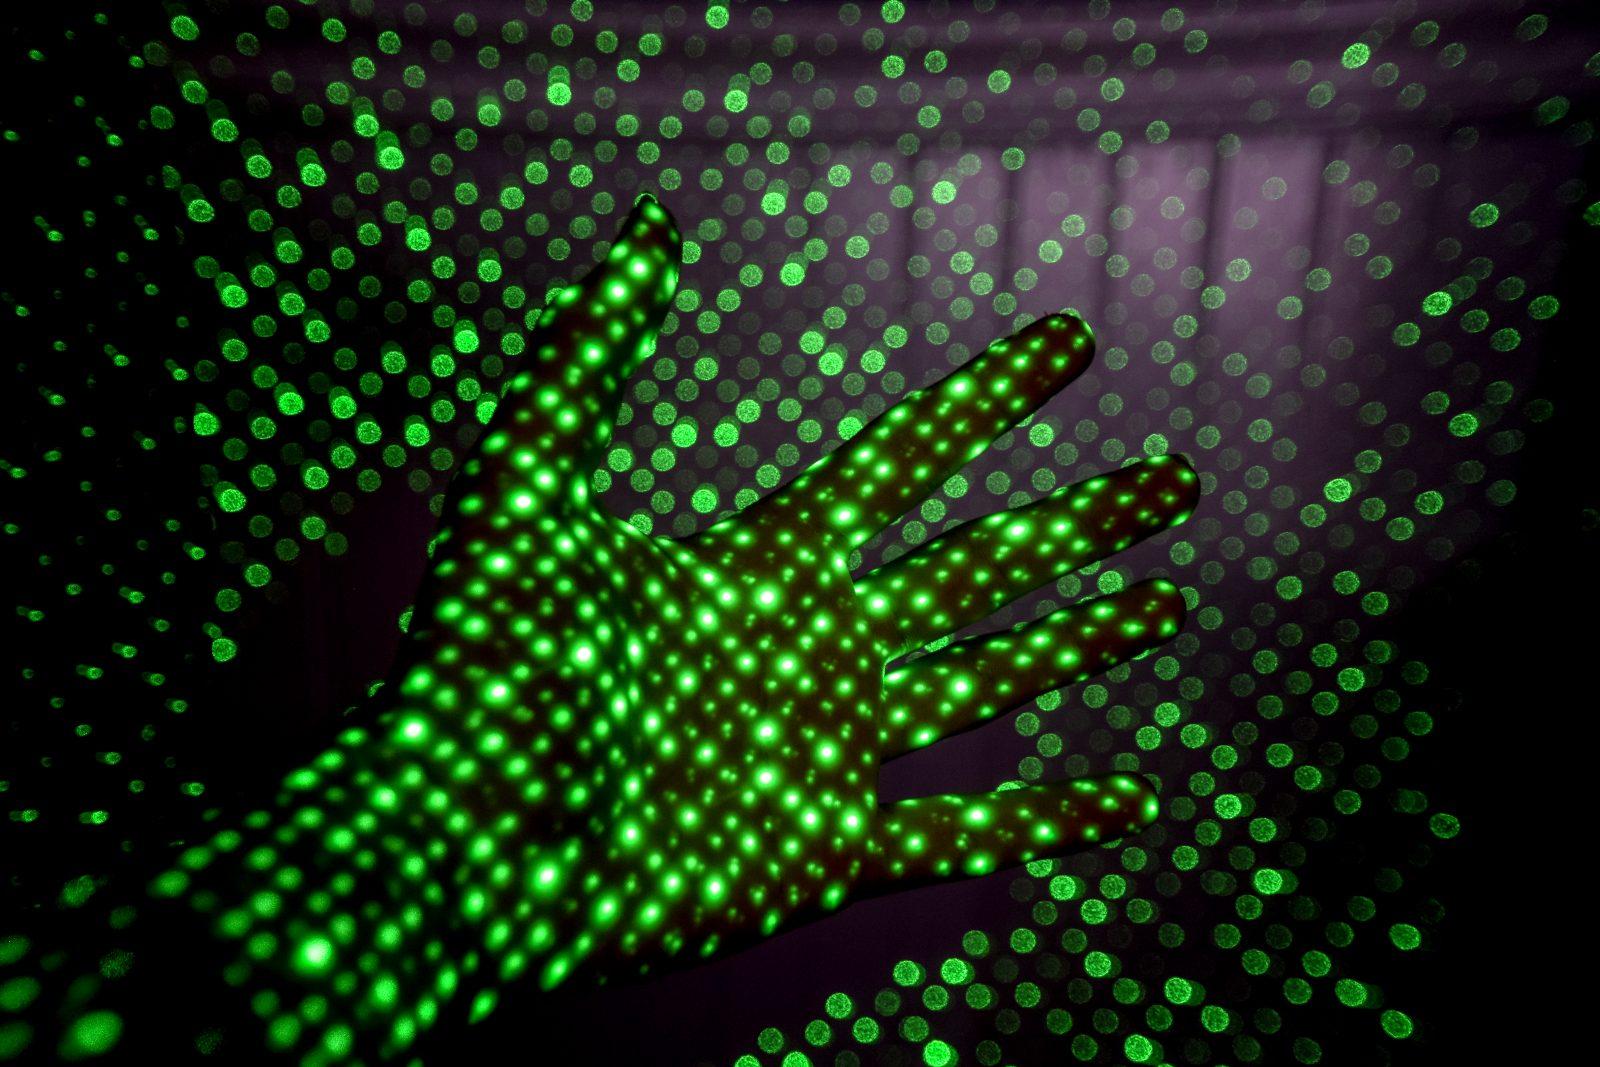 Поиск инсайтов в данных при помощи матриц взаимодействий